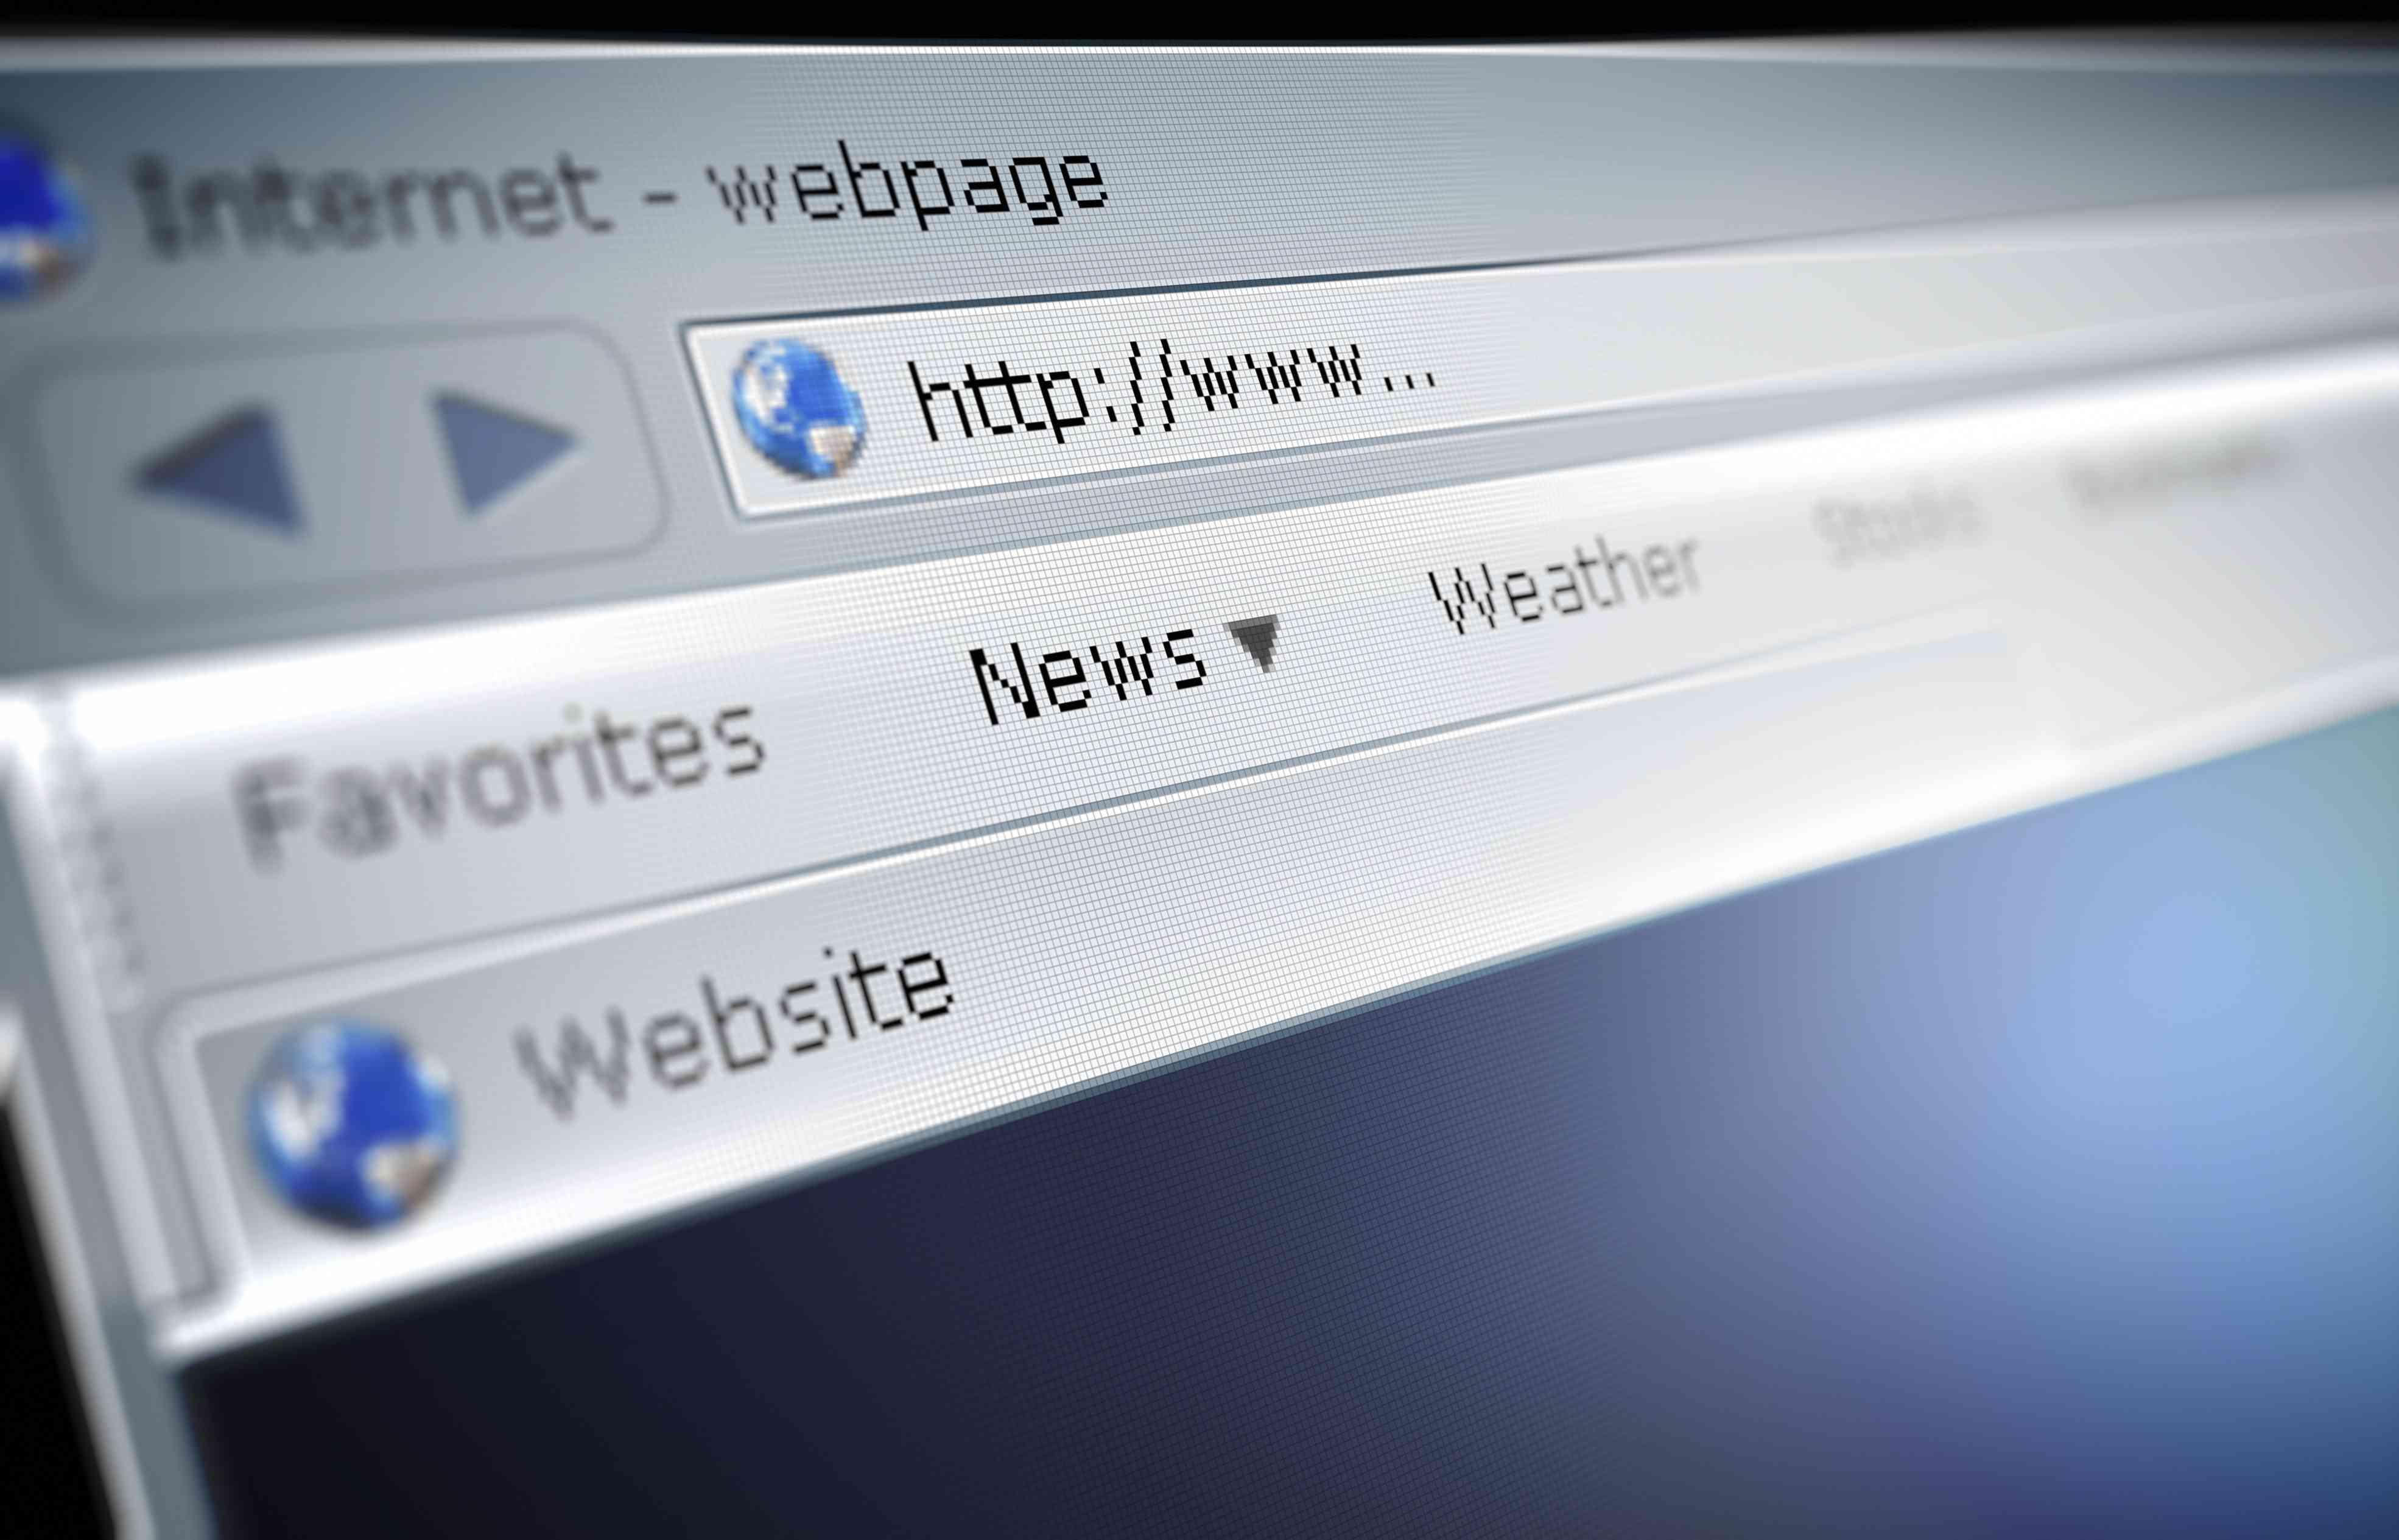 Screenshot of a website URL